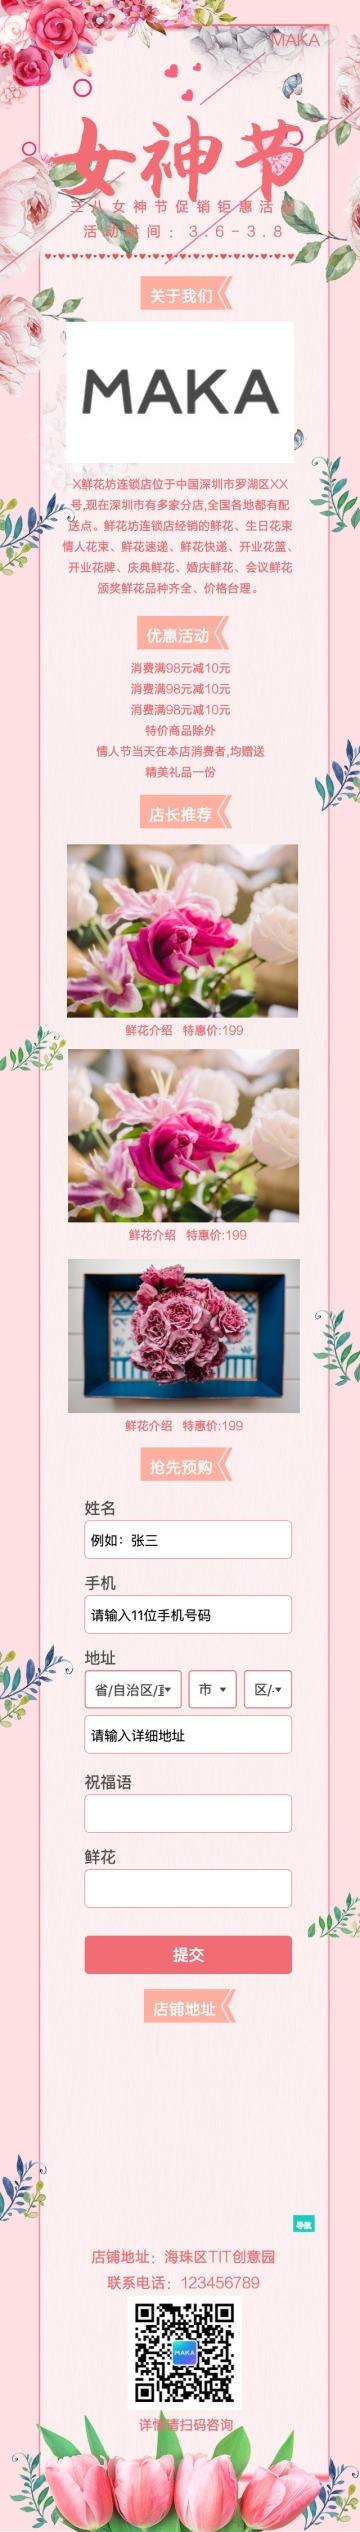 三八妇女节清新文艺花店促销推广活动单页